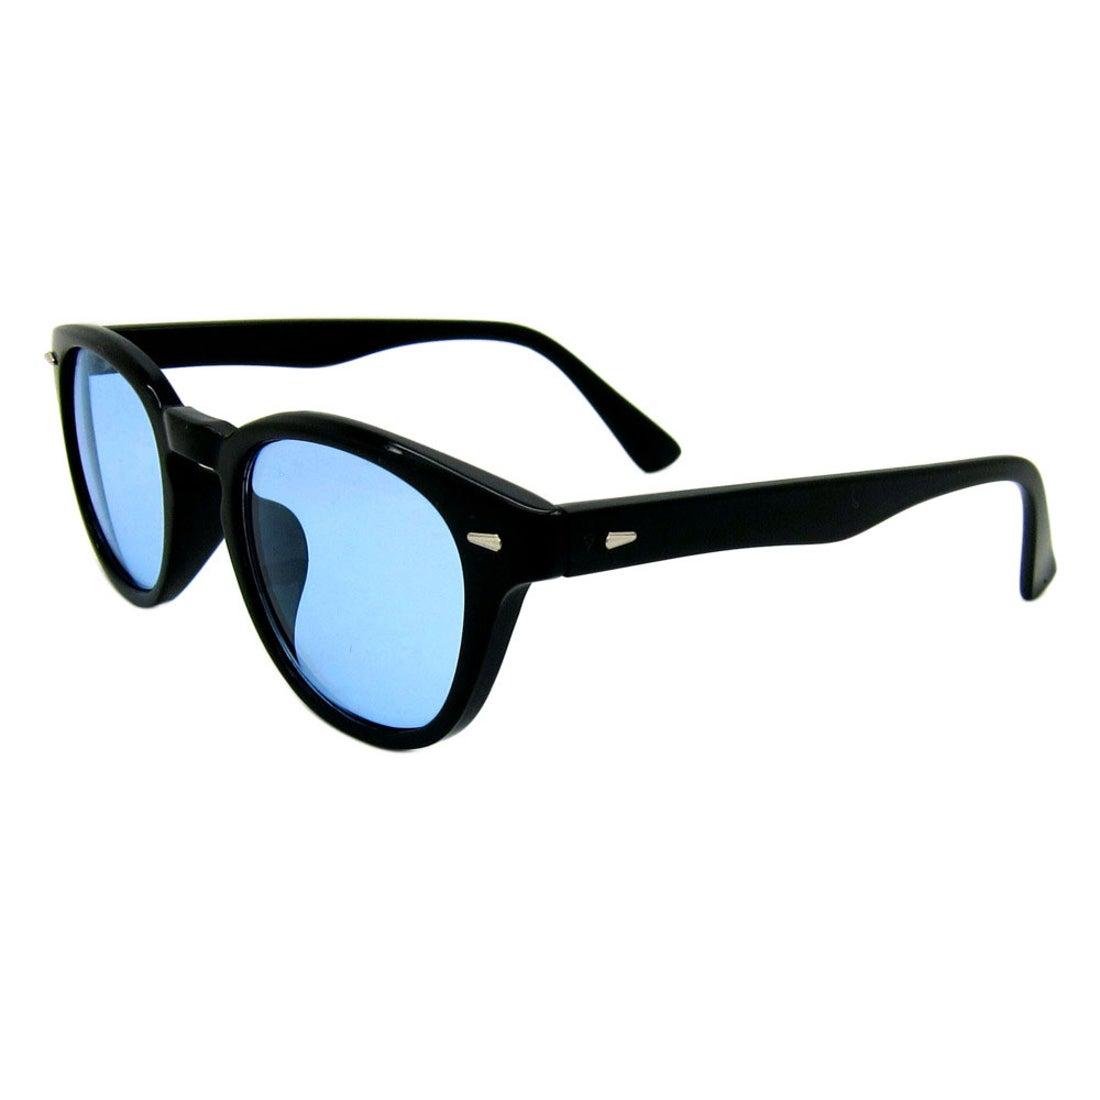 ノーブランド No Brand サングラス sunglass 5005 (ブラック/ライトブルー)